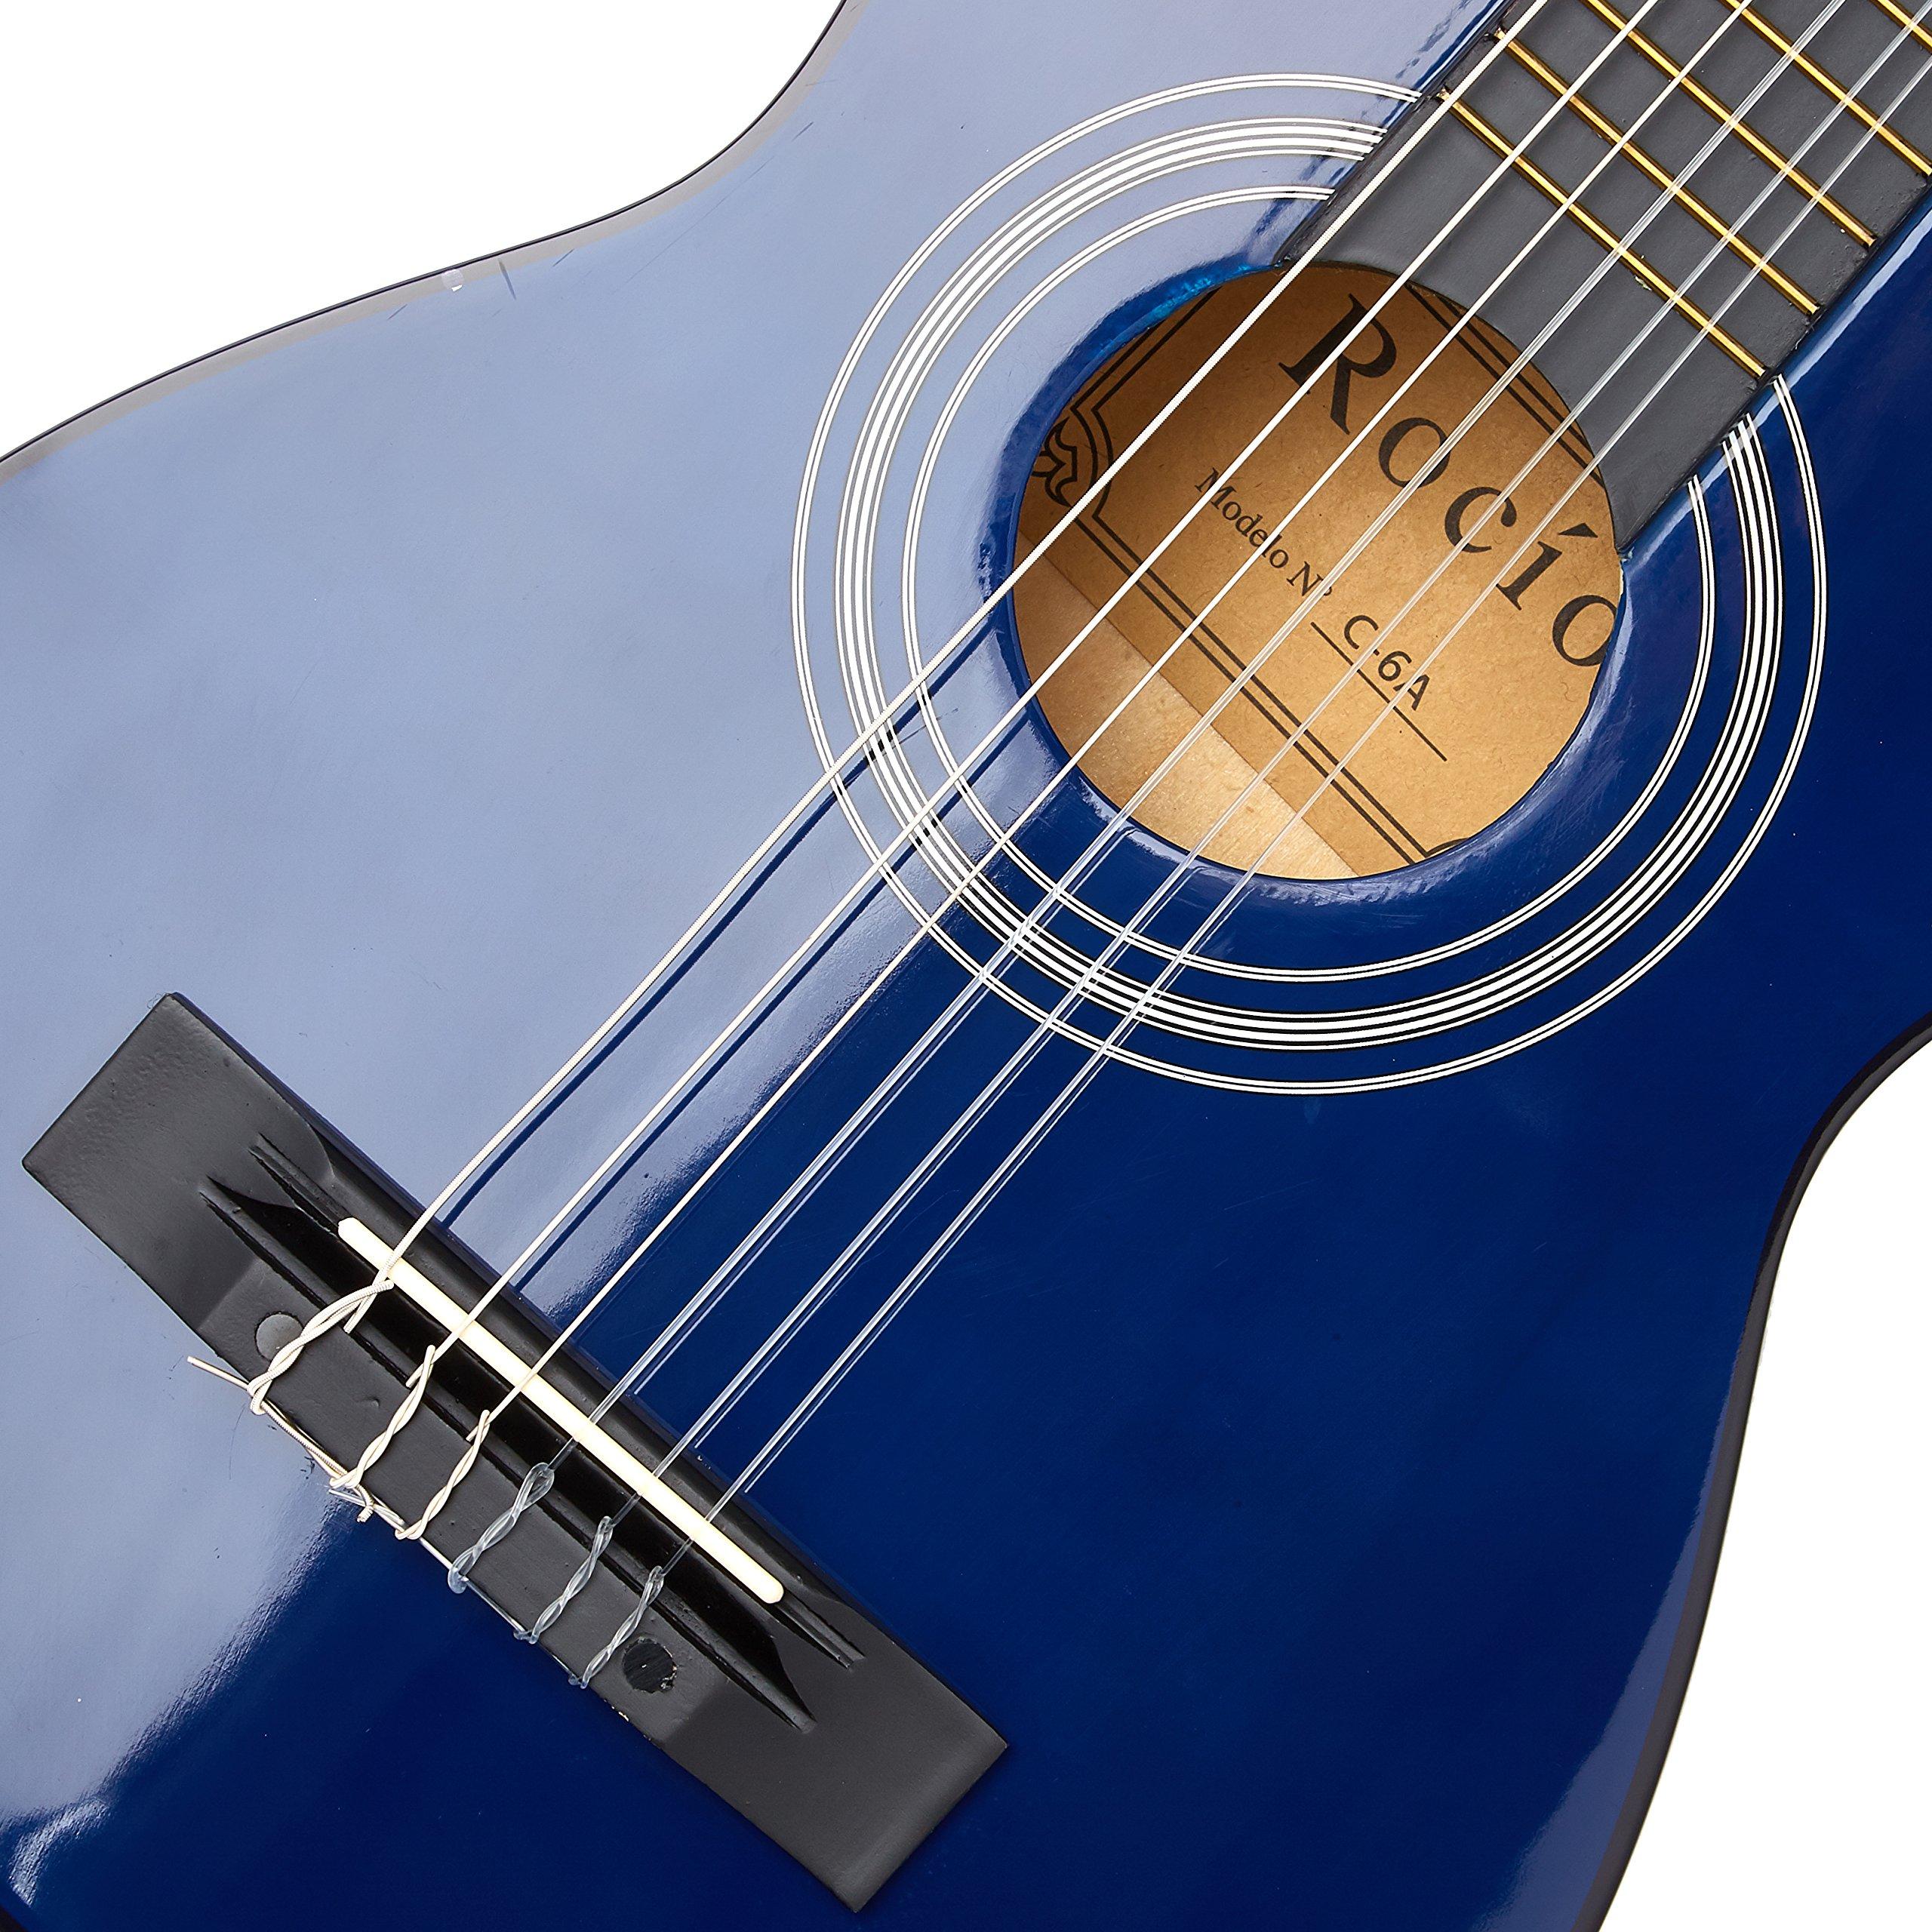 Guitarra rocio c6n (1/4) cadete 75 cms azul: Amazon.es ...